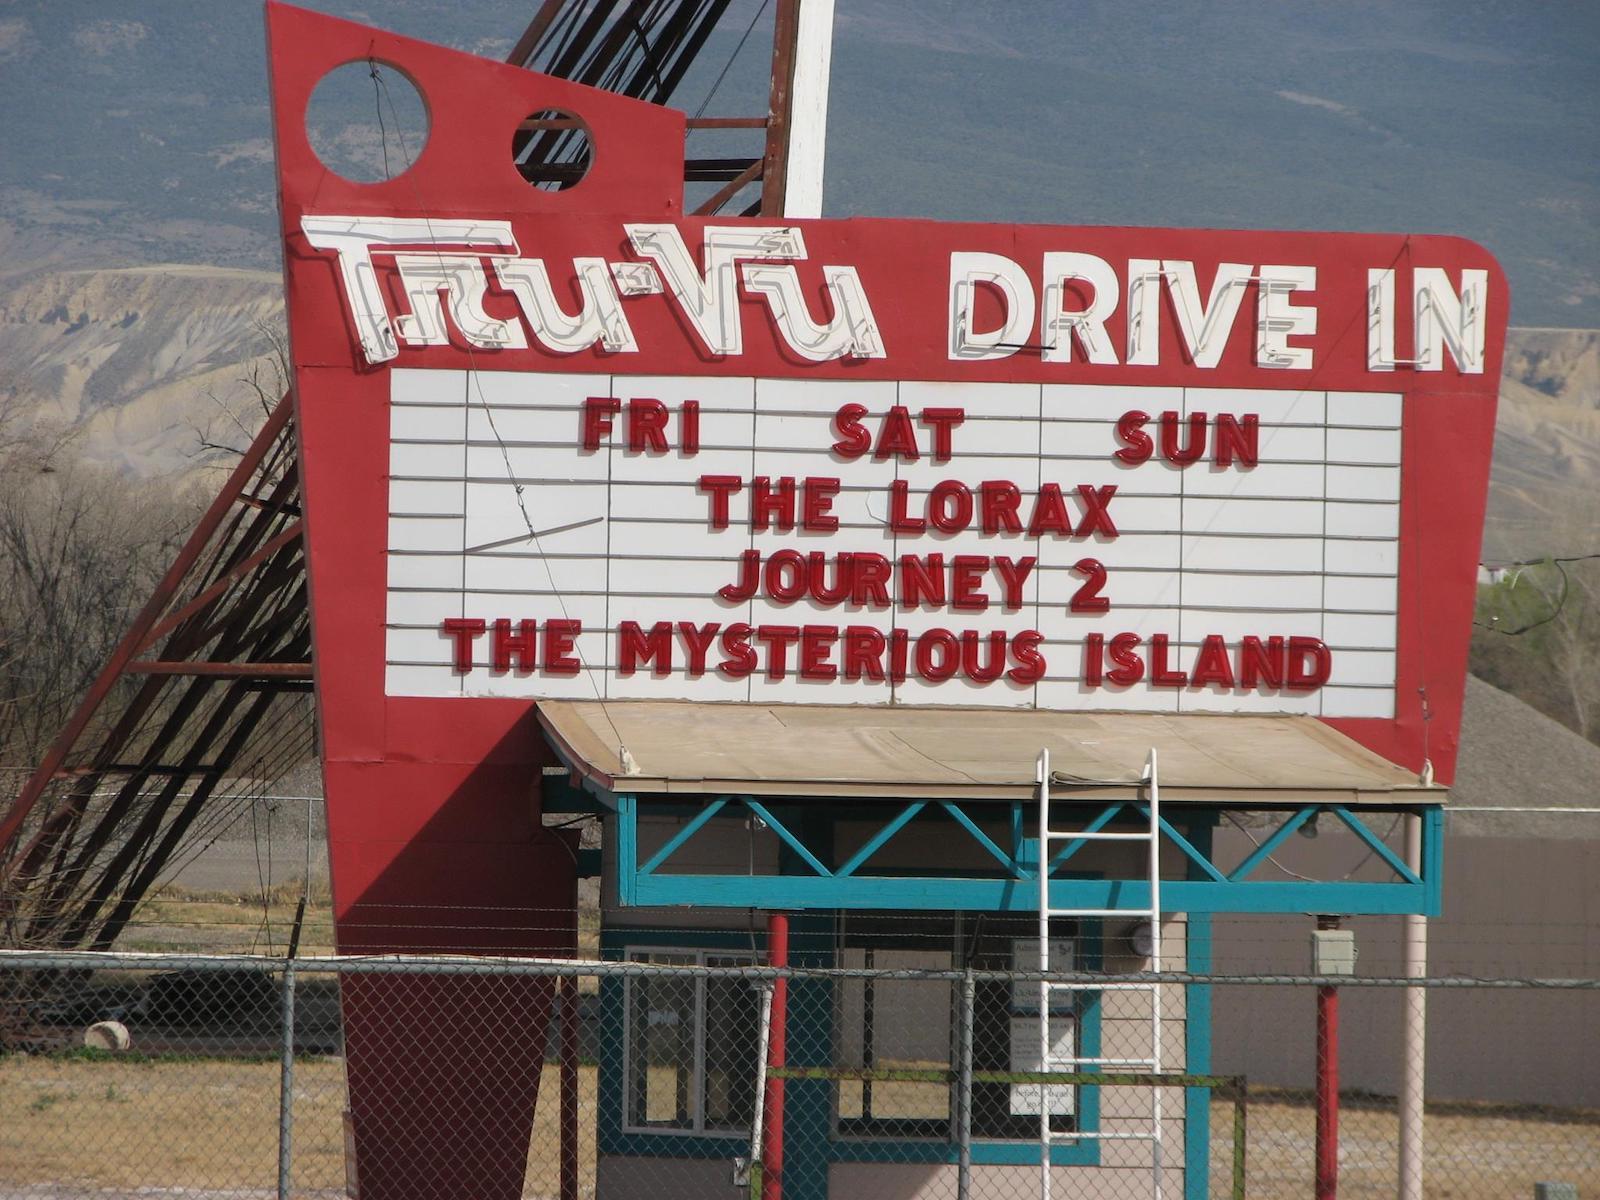 Tru Vu Drive-In Theatre, CO